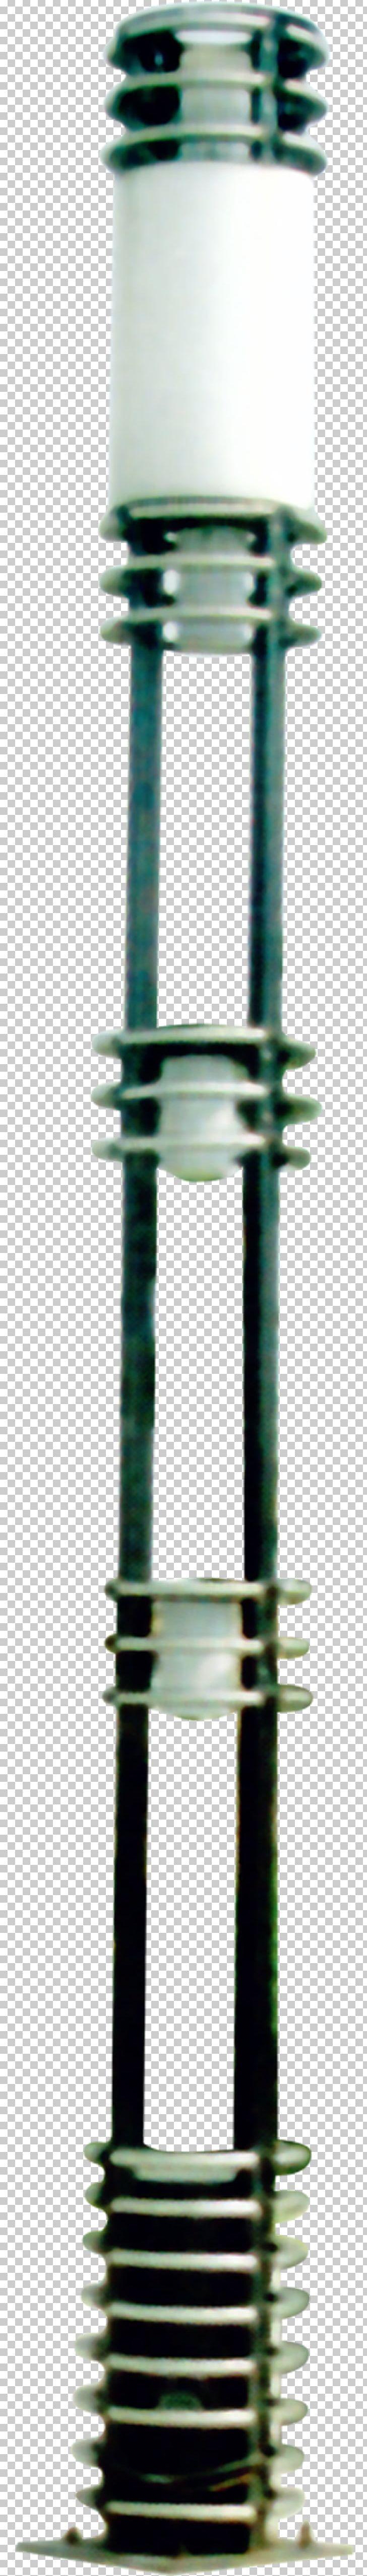 Street Light Lamp PNG, Clipart, Adobe Illustrator, Christmas Lights, Cylinder, Encapsulated Postscript, Floor Free PNG Download